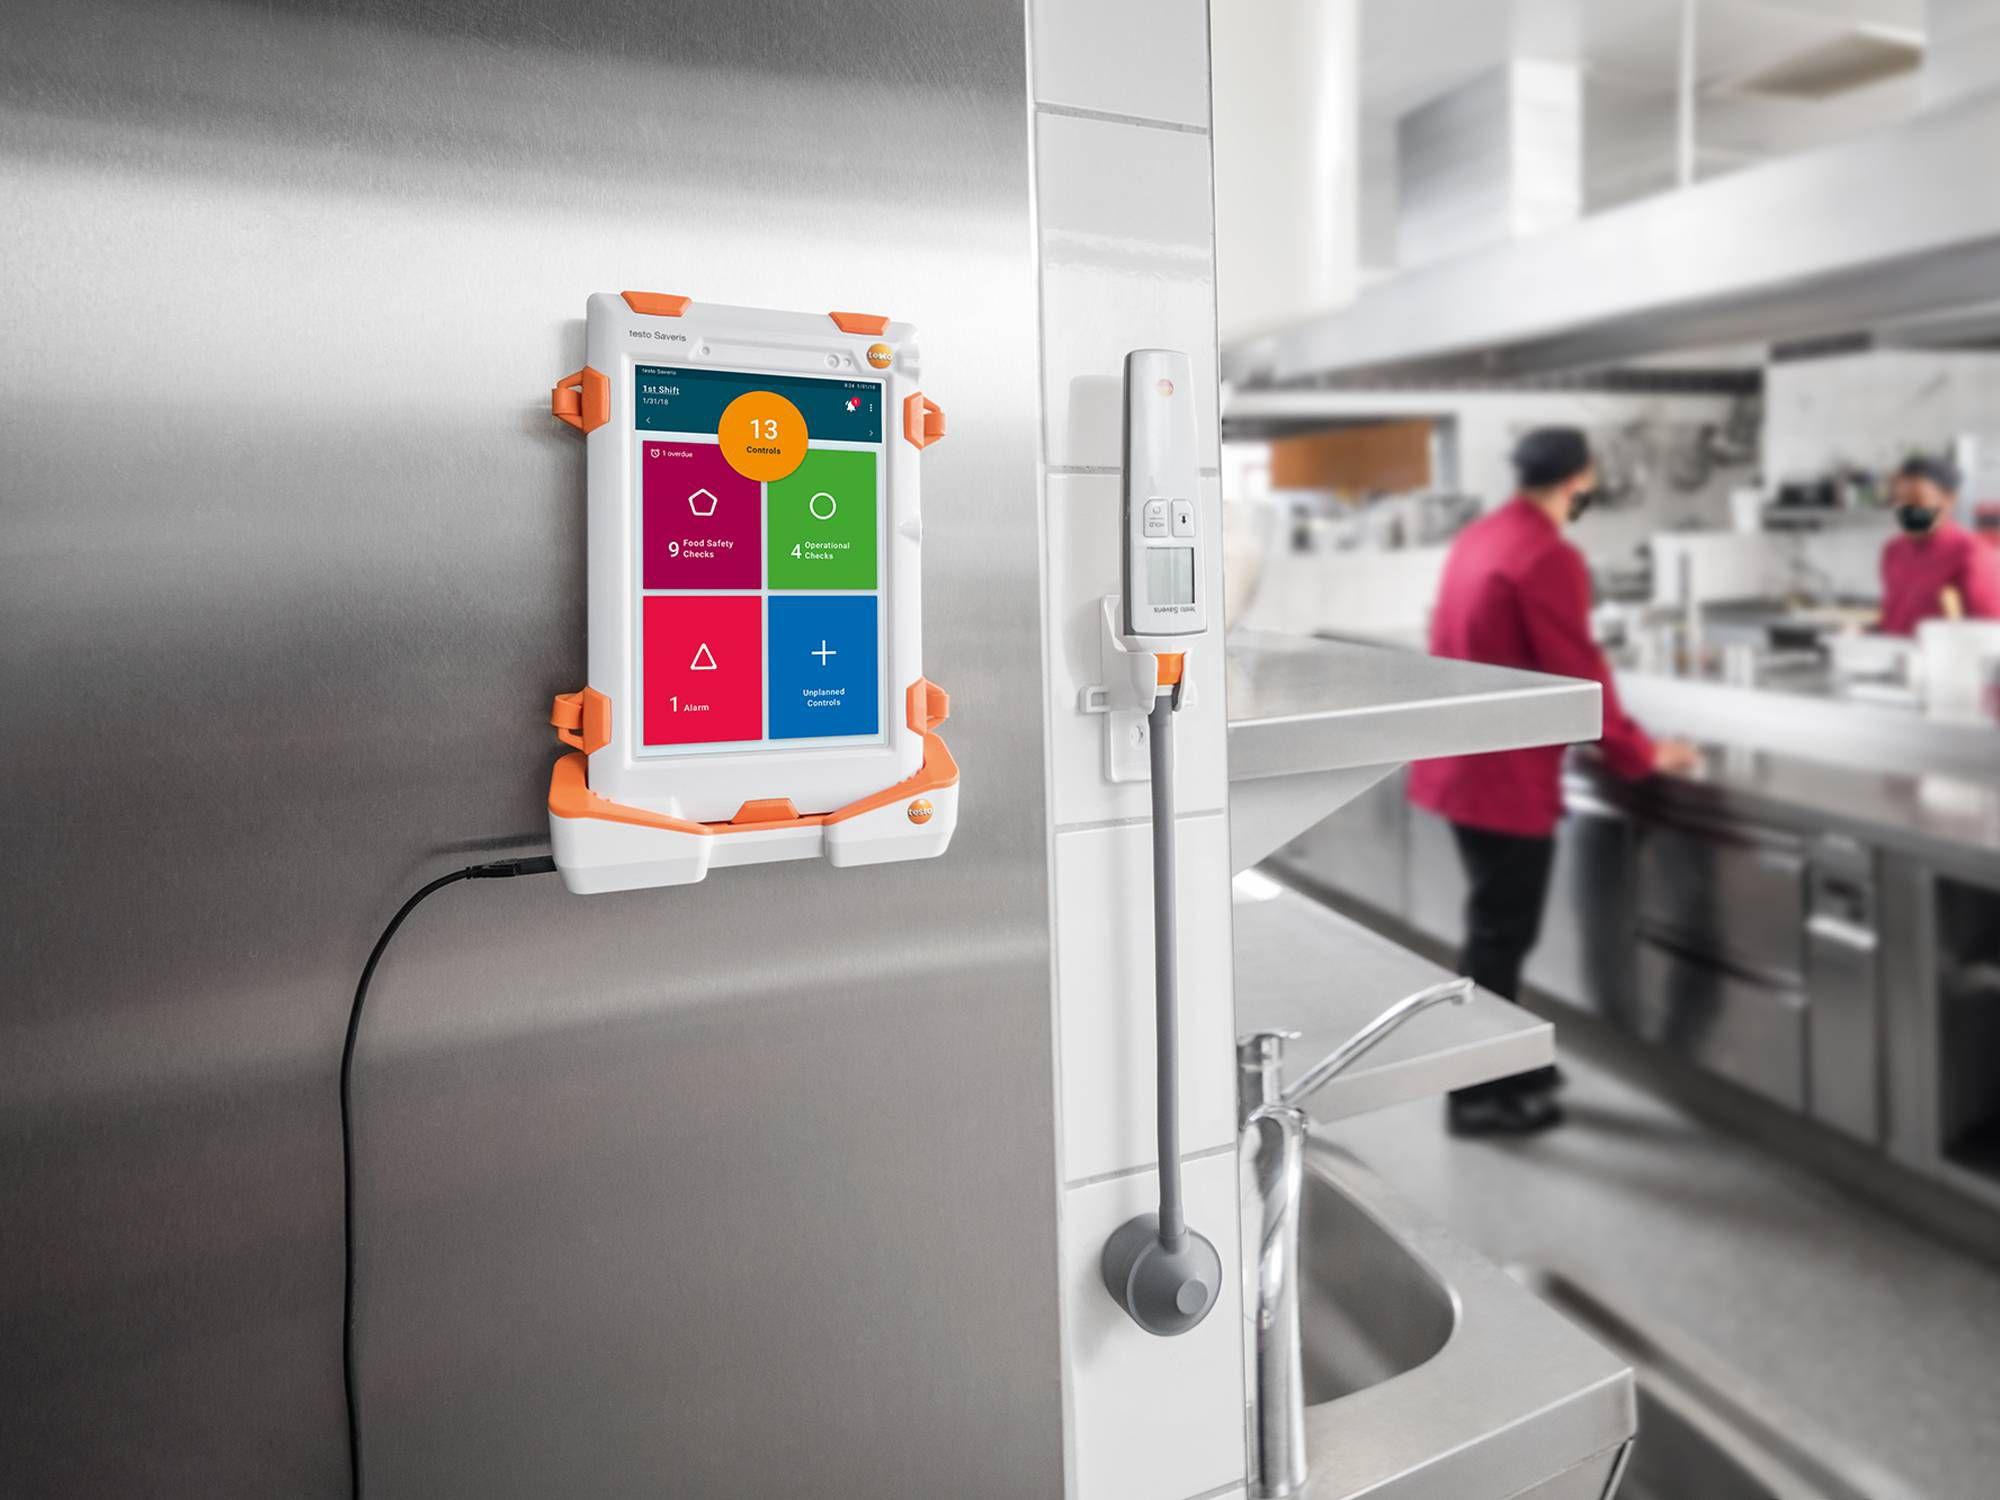 德图食品安全数字质量管理系统提供支持